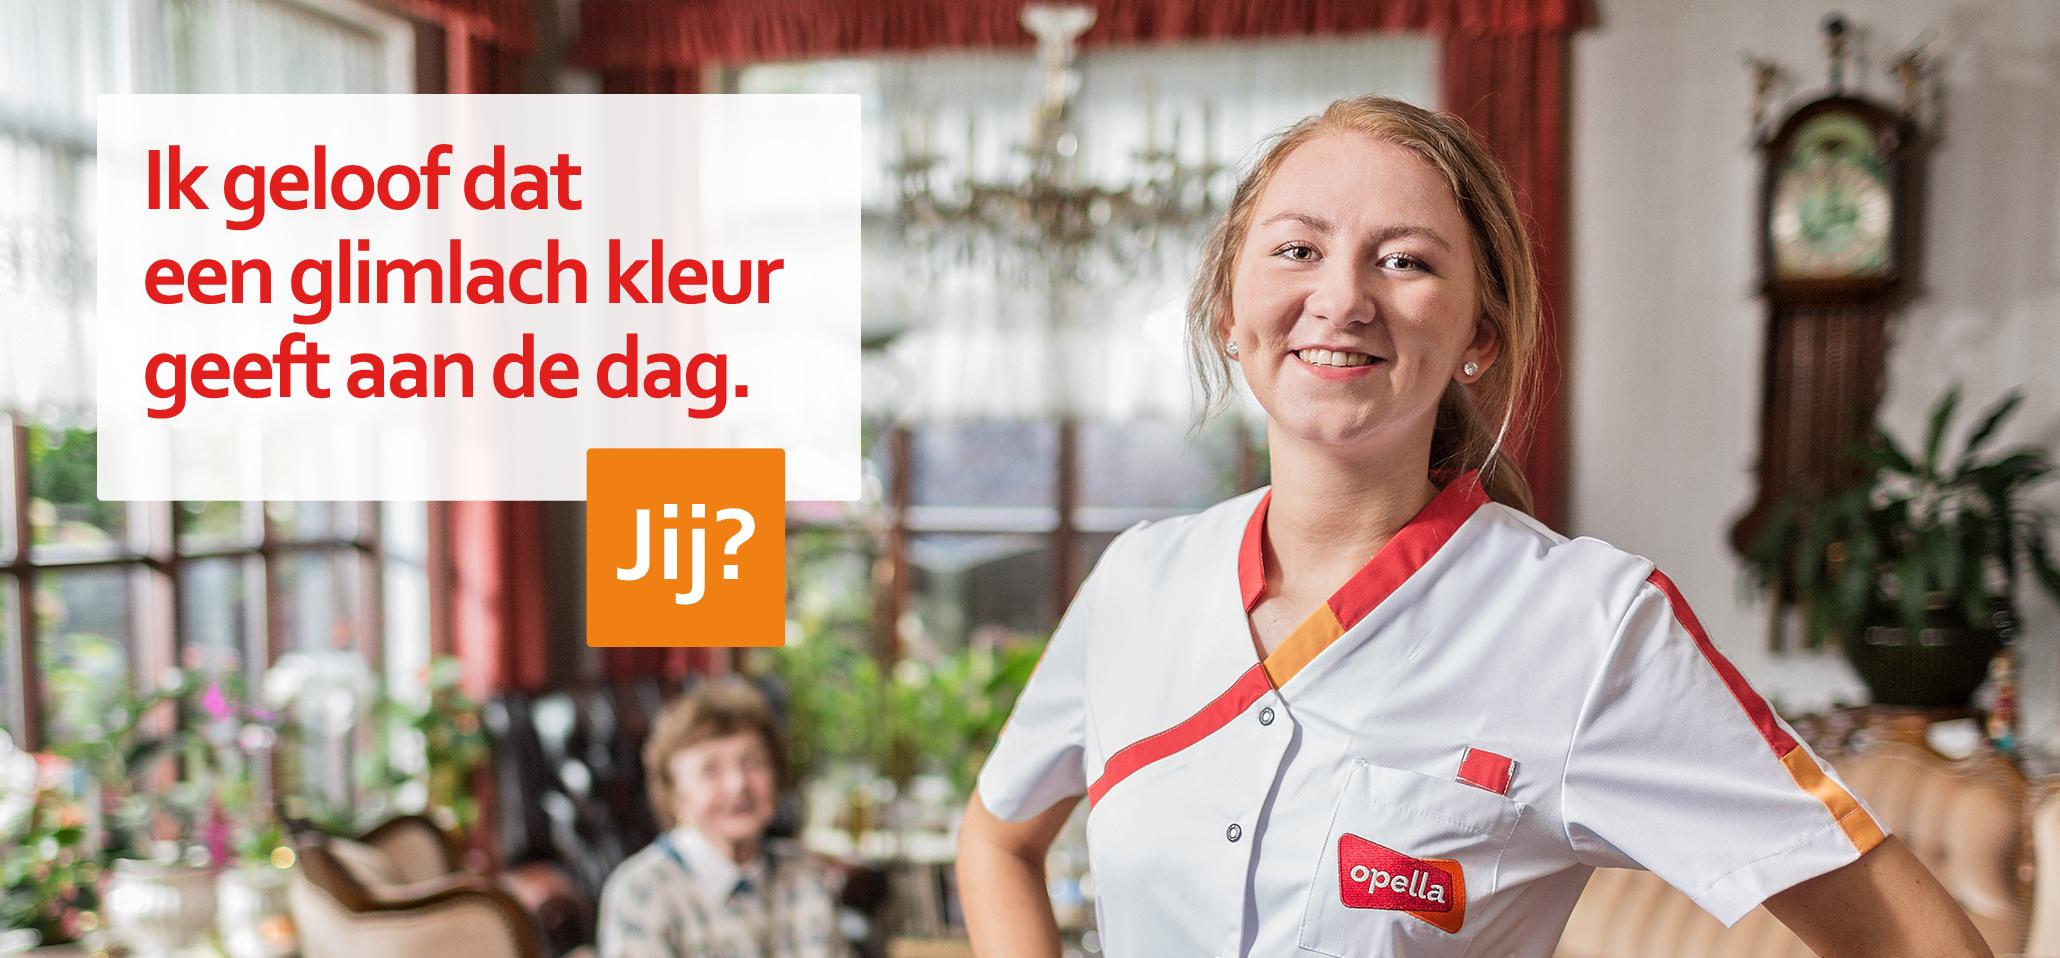 Opella - Ik geloof...